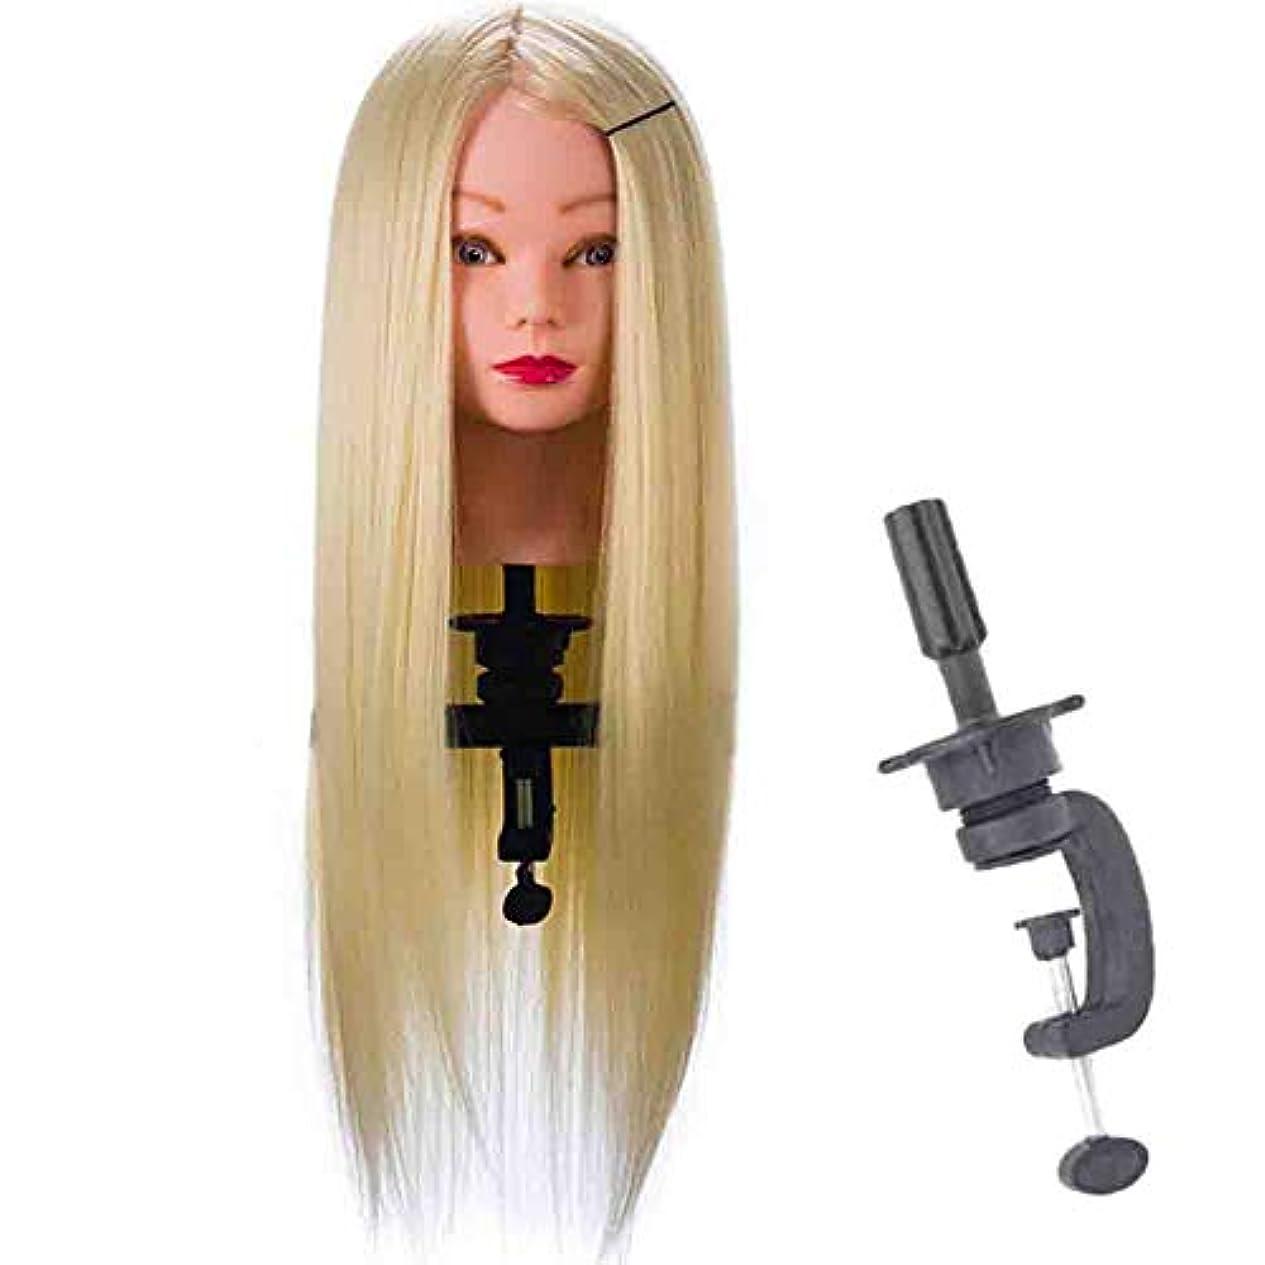 あなたのもの仮説誰シミュレーションウィッグヘッドダイドールヘッドモデルエクササイズディスクヘアブレードヘアメイクスタイリングヘアサロンダミーマネキンヘッド